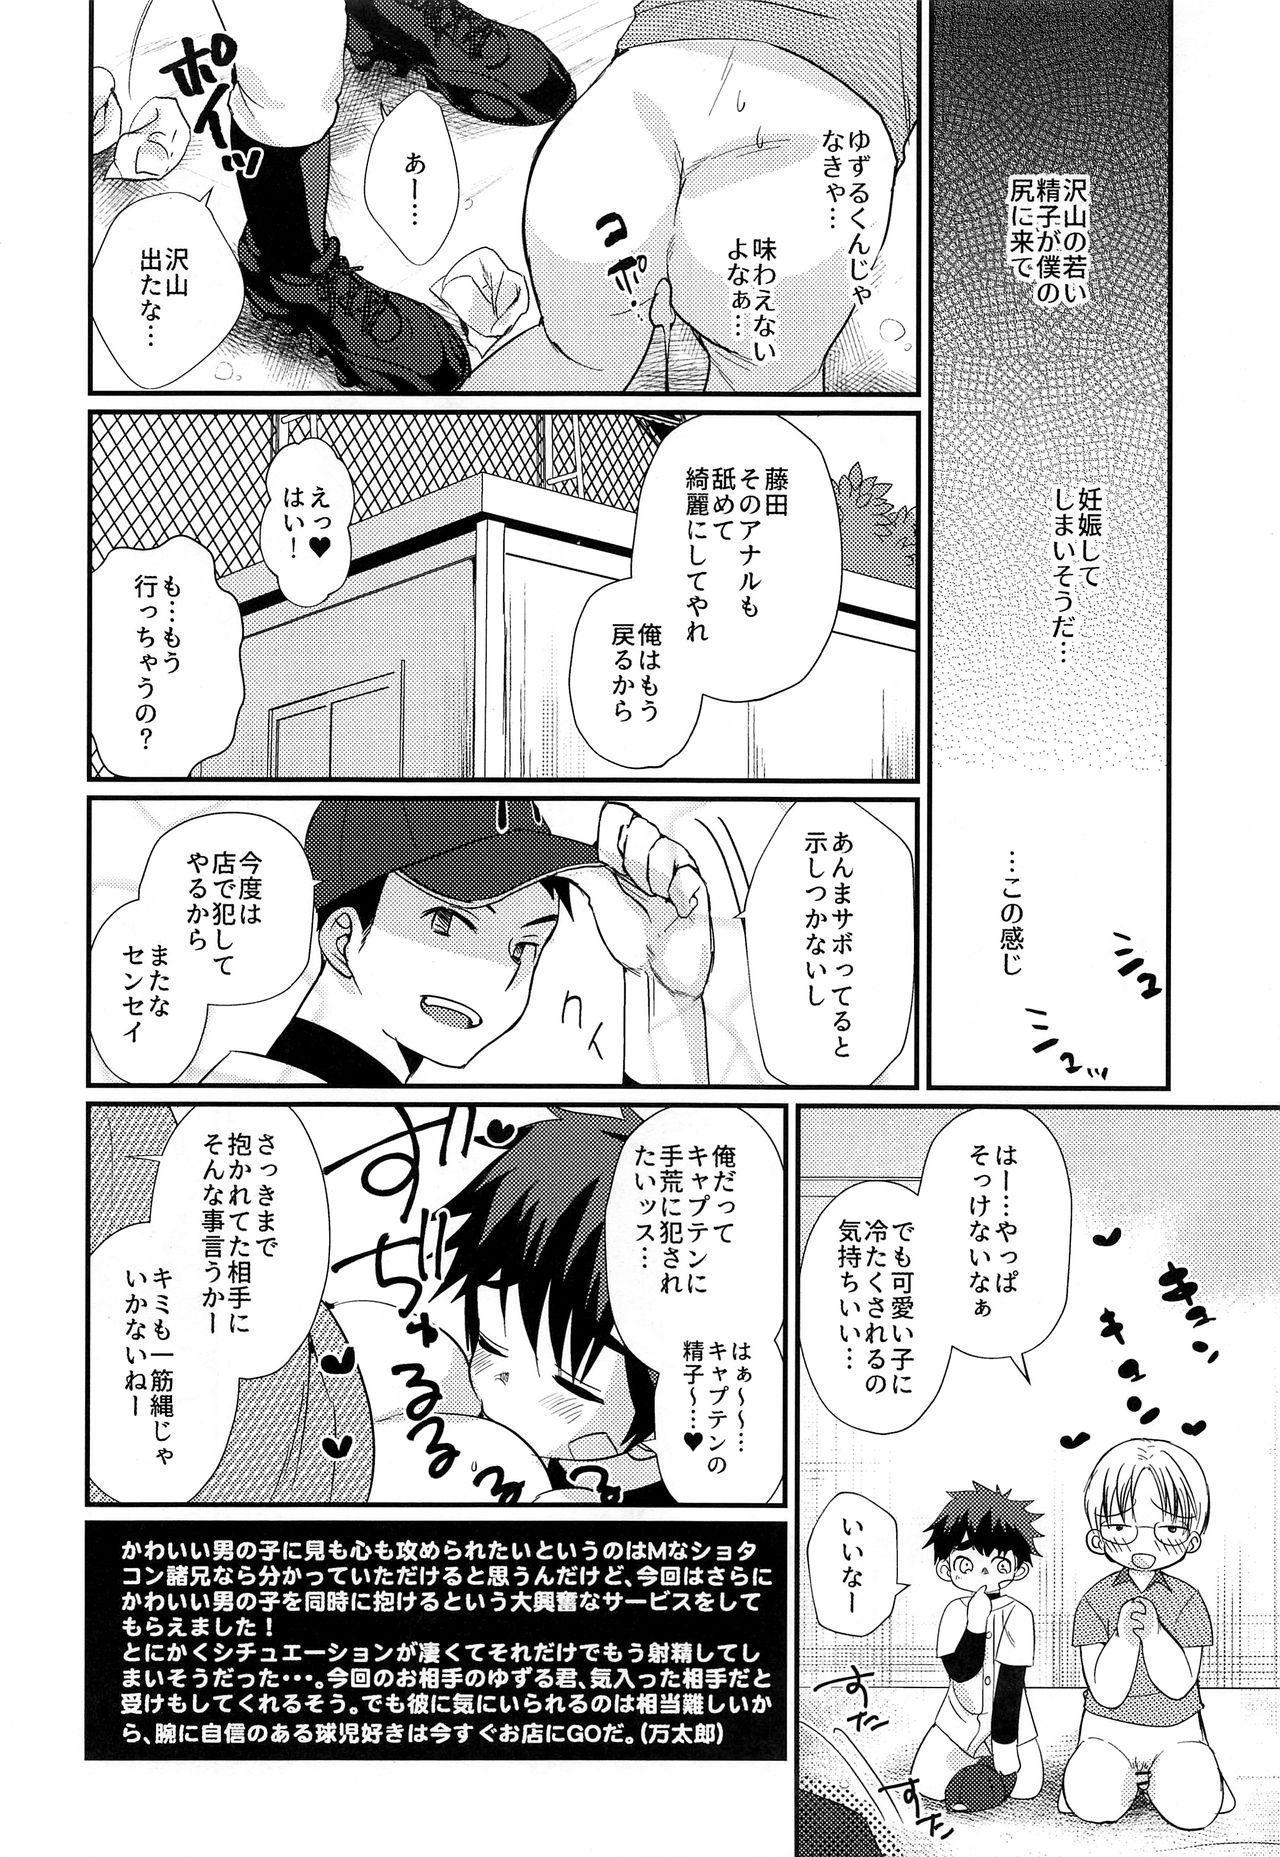 Tokumori! Shota Fuuzoku Saizensen 23